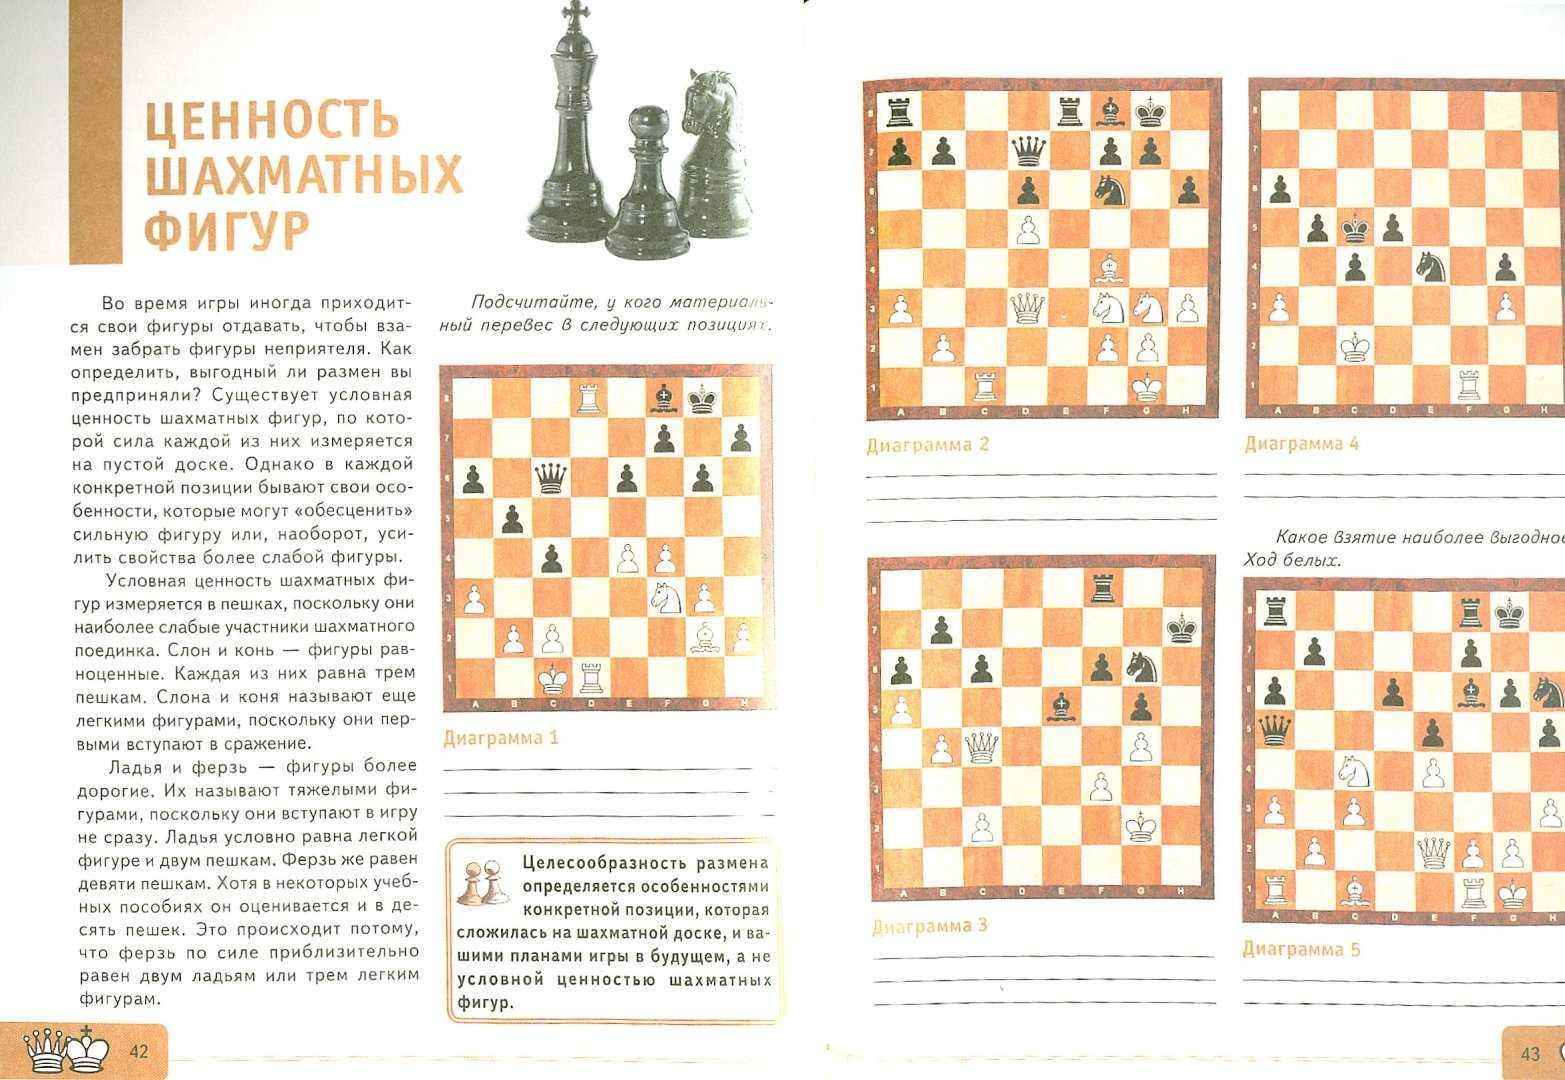 Шахматы. игры в шахматы, занятия, соревнования